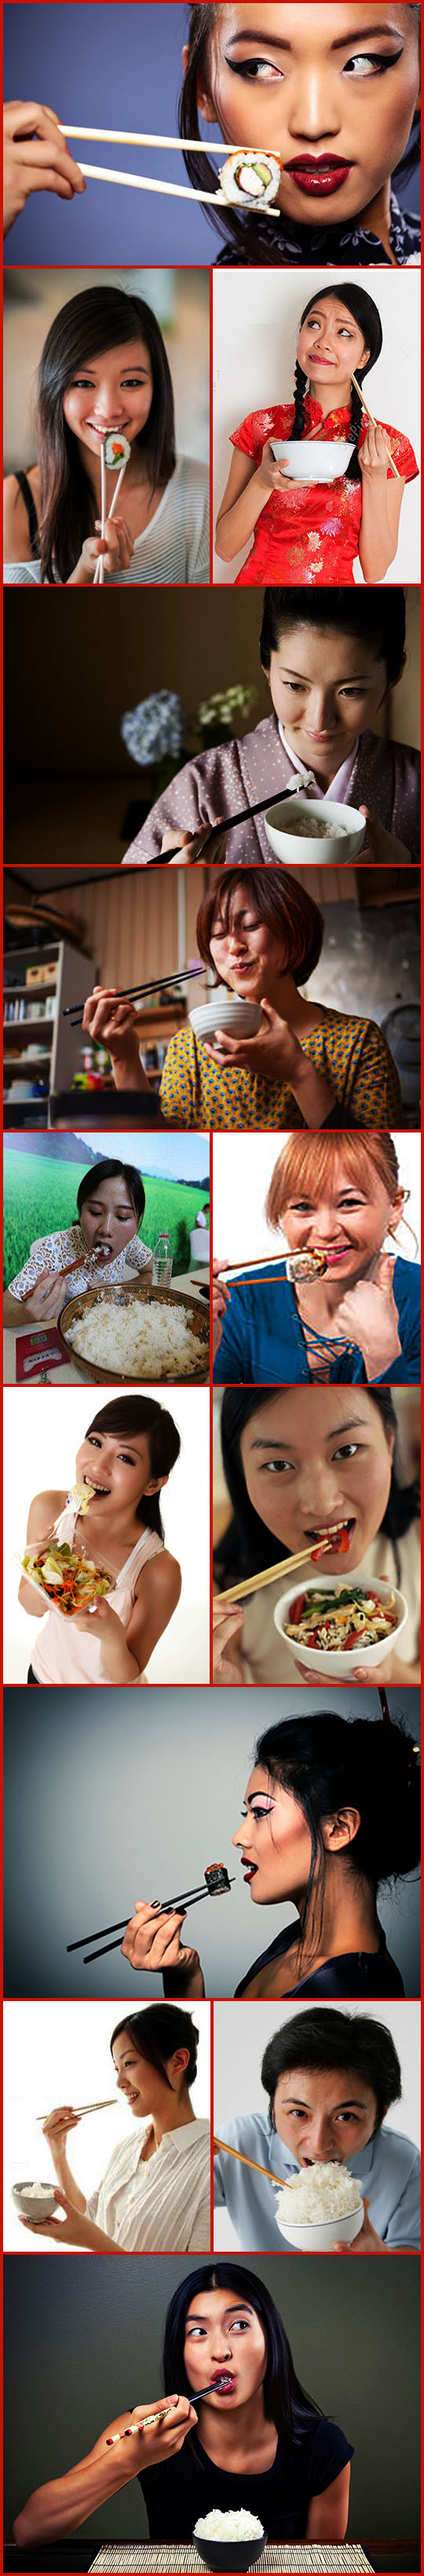 20 asianwomenrice_6-13-19.jpg